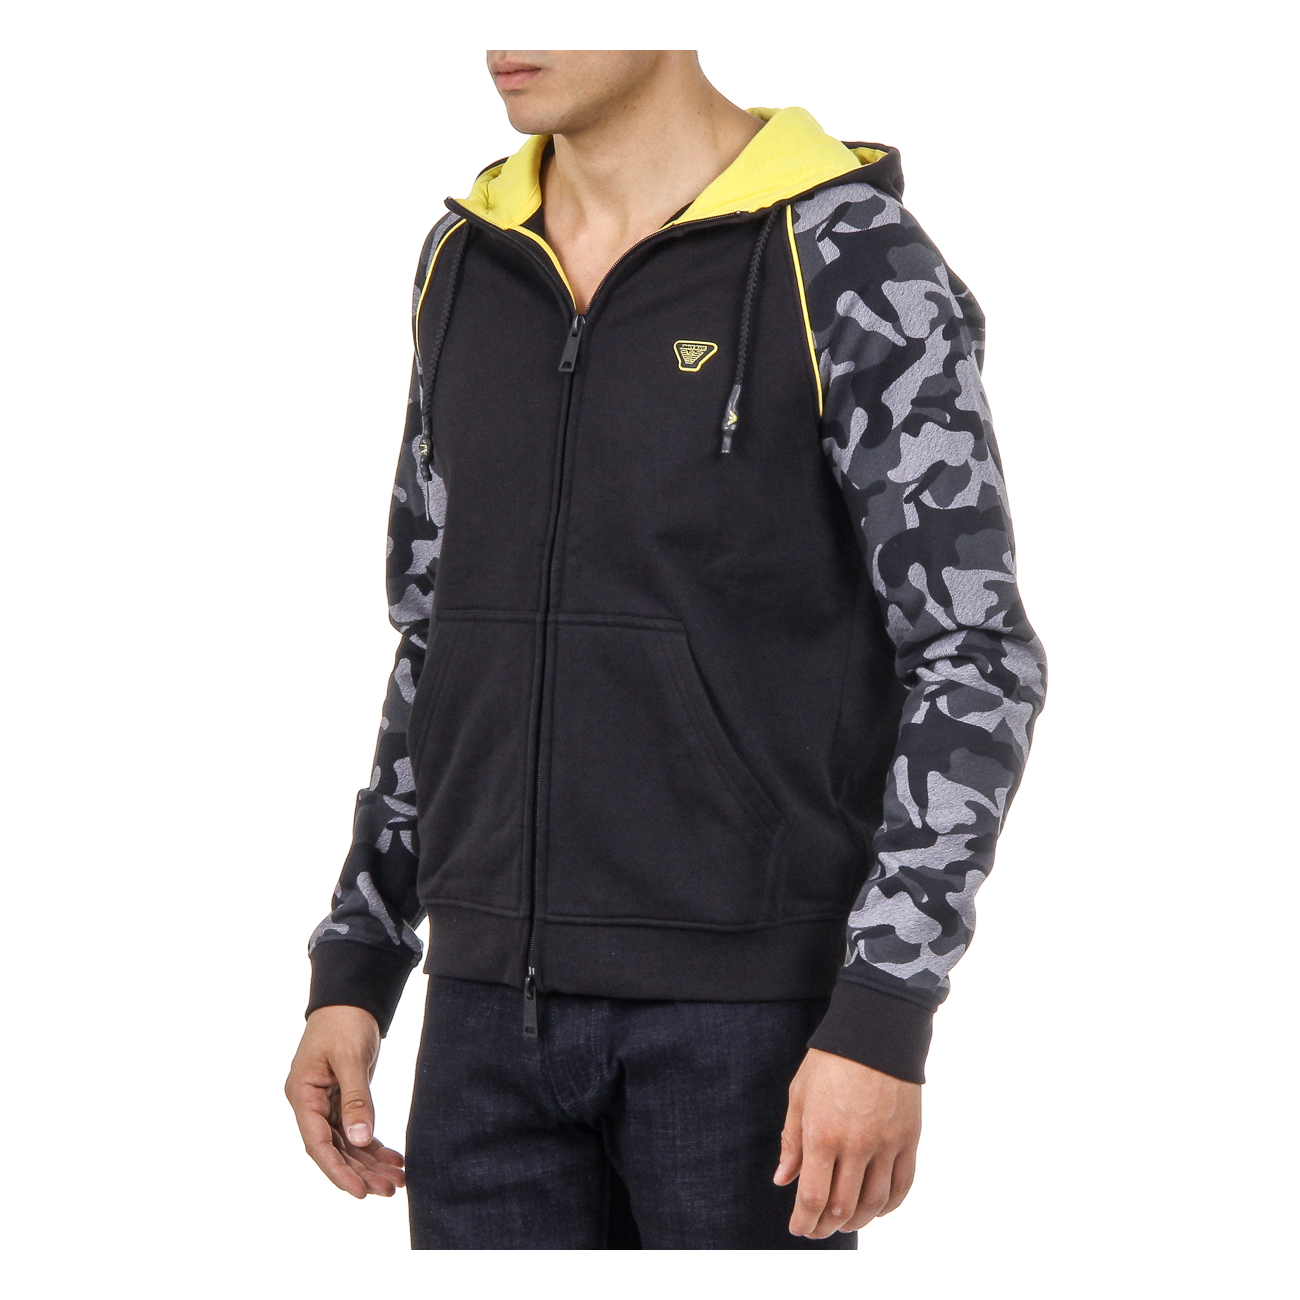 Armani Jeans Mens Hoodie With Zip Long Sleeves Black